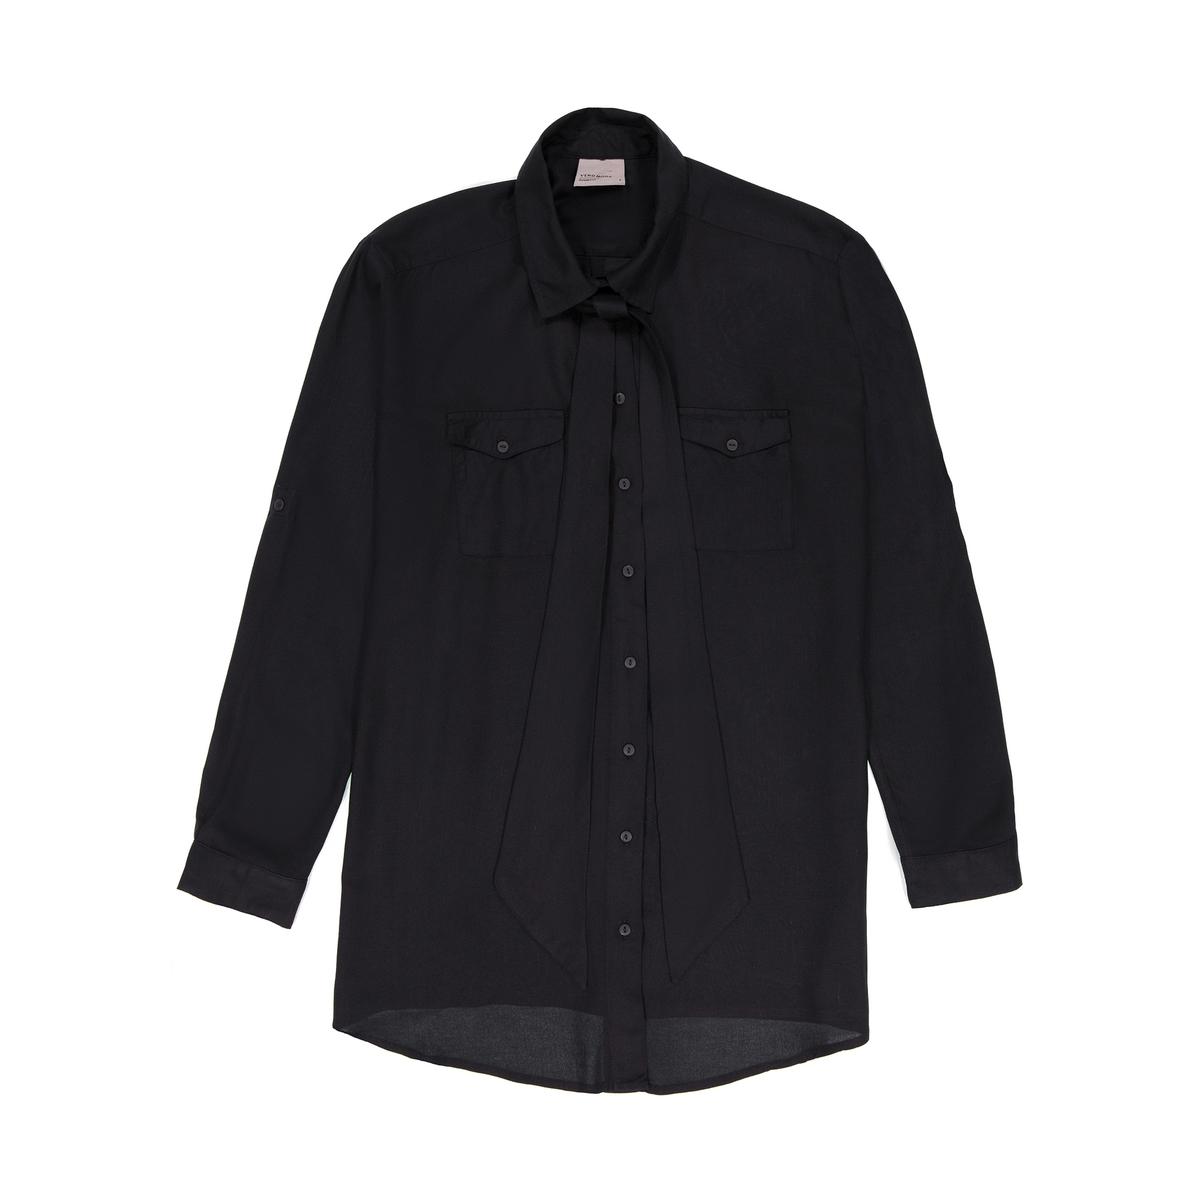 Рубашка с галстуком-бантом рубашка vero moda vero moda ve389ewolz10